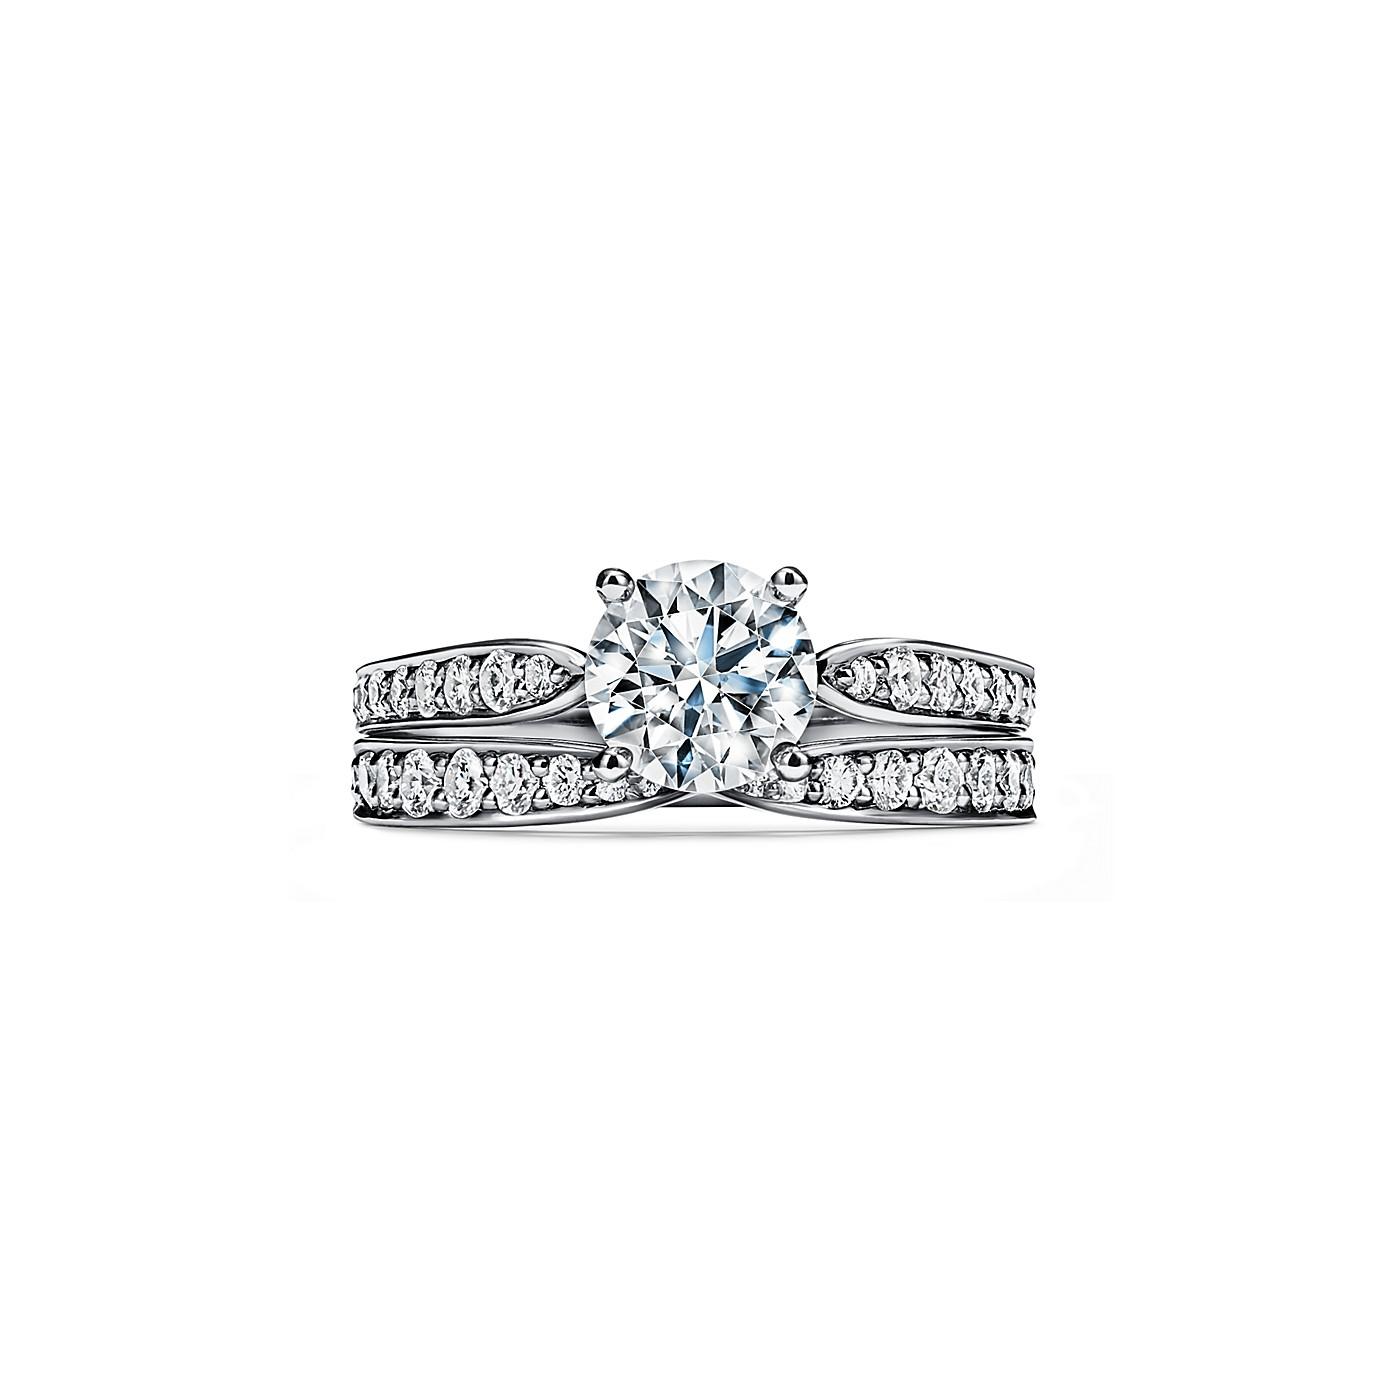 ティファニー ハーモニー エンゲージメント リング ダイヤモンド バンド(4)―Tiffany & Co.(ティファニー)